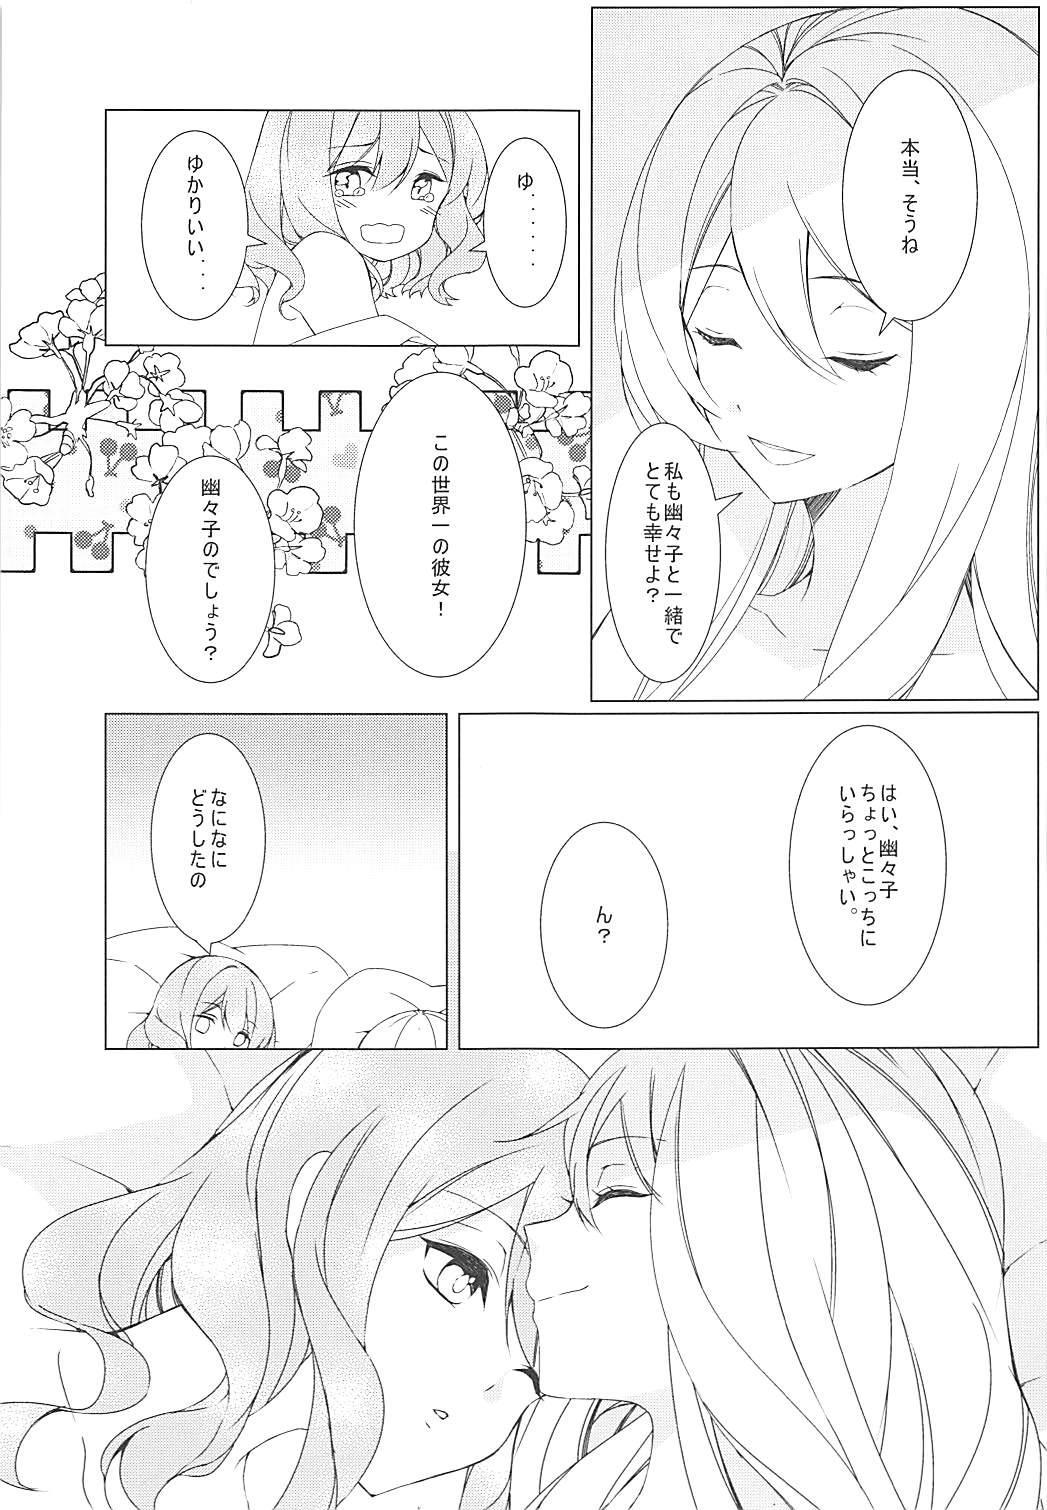 Konna ni Kawaii Kanojo wa Ari? Nashi? 17